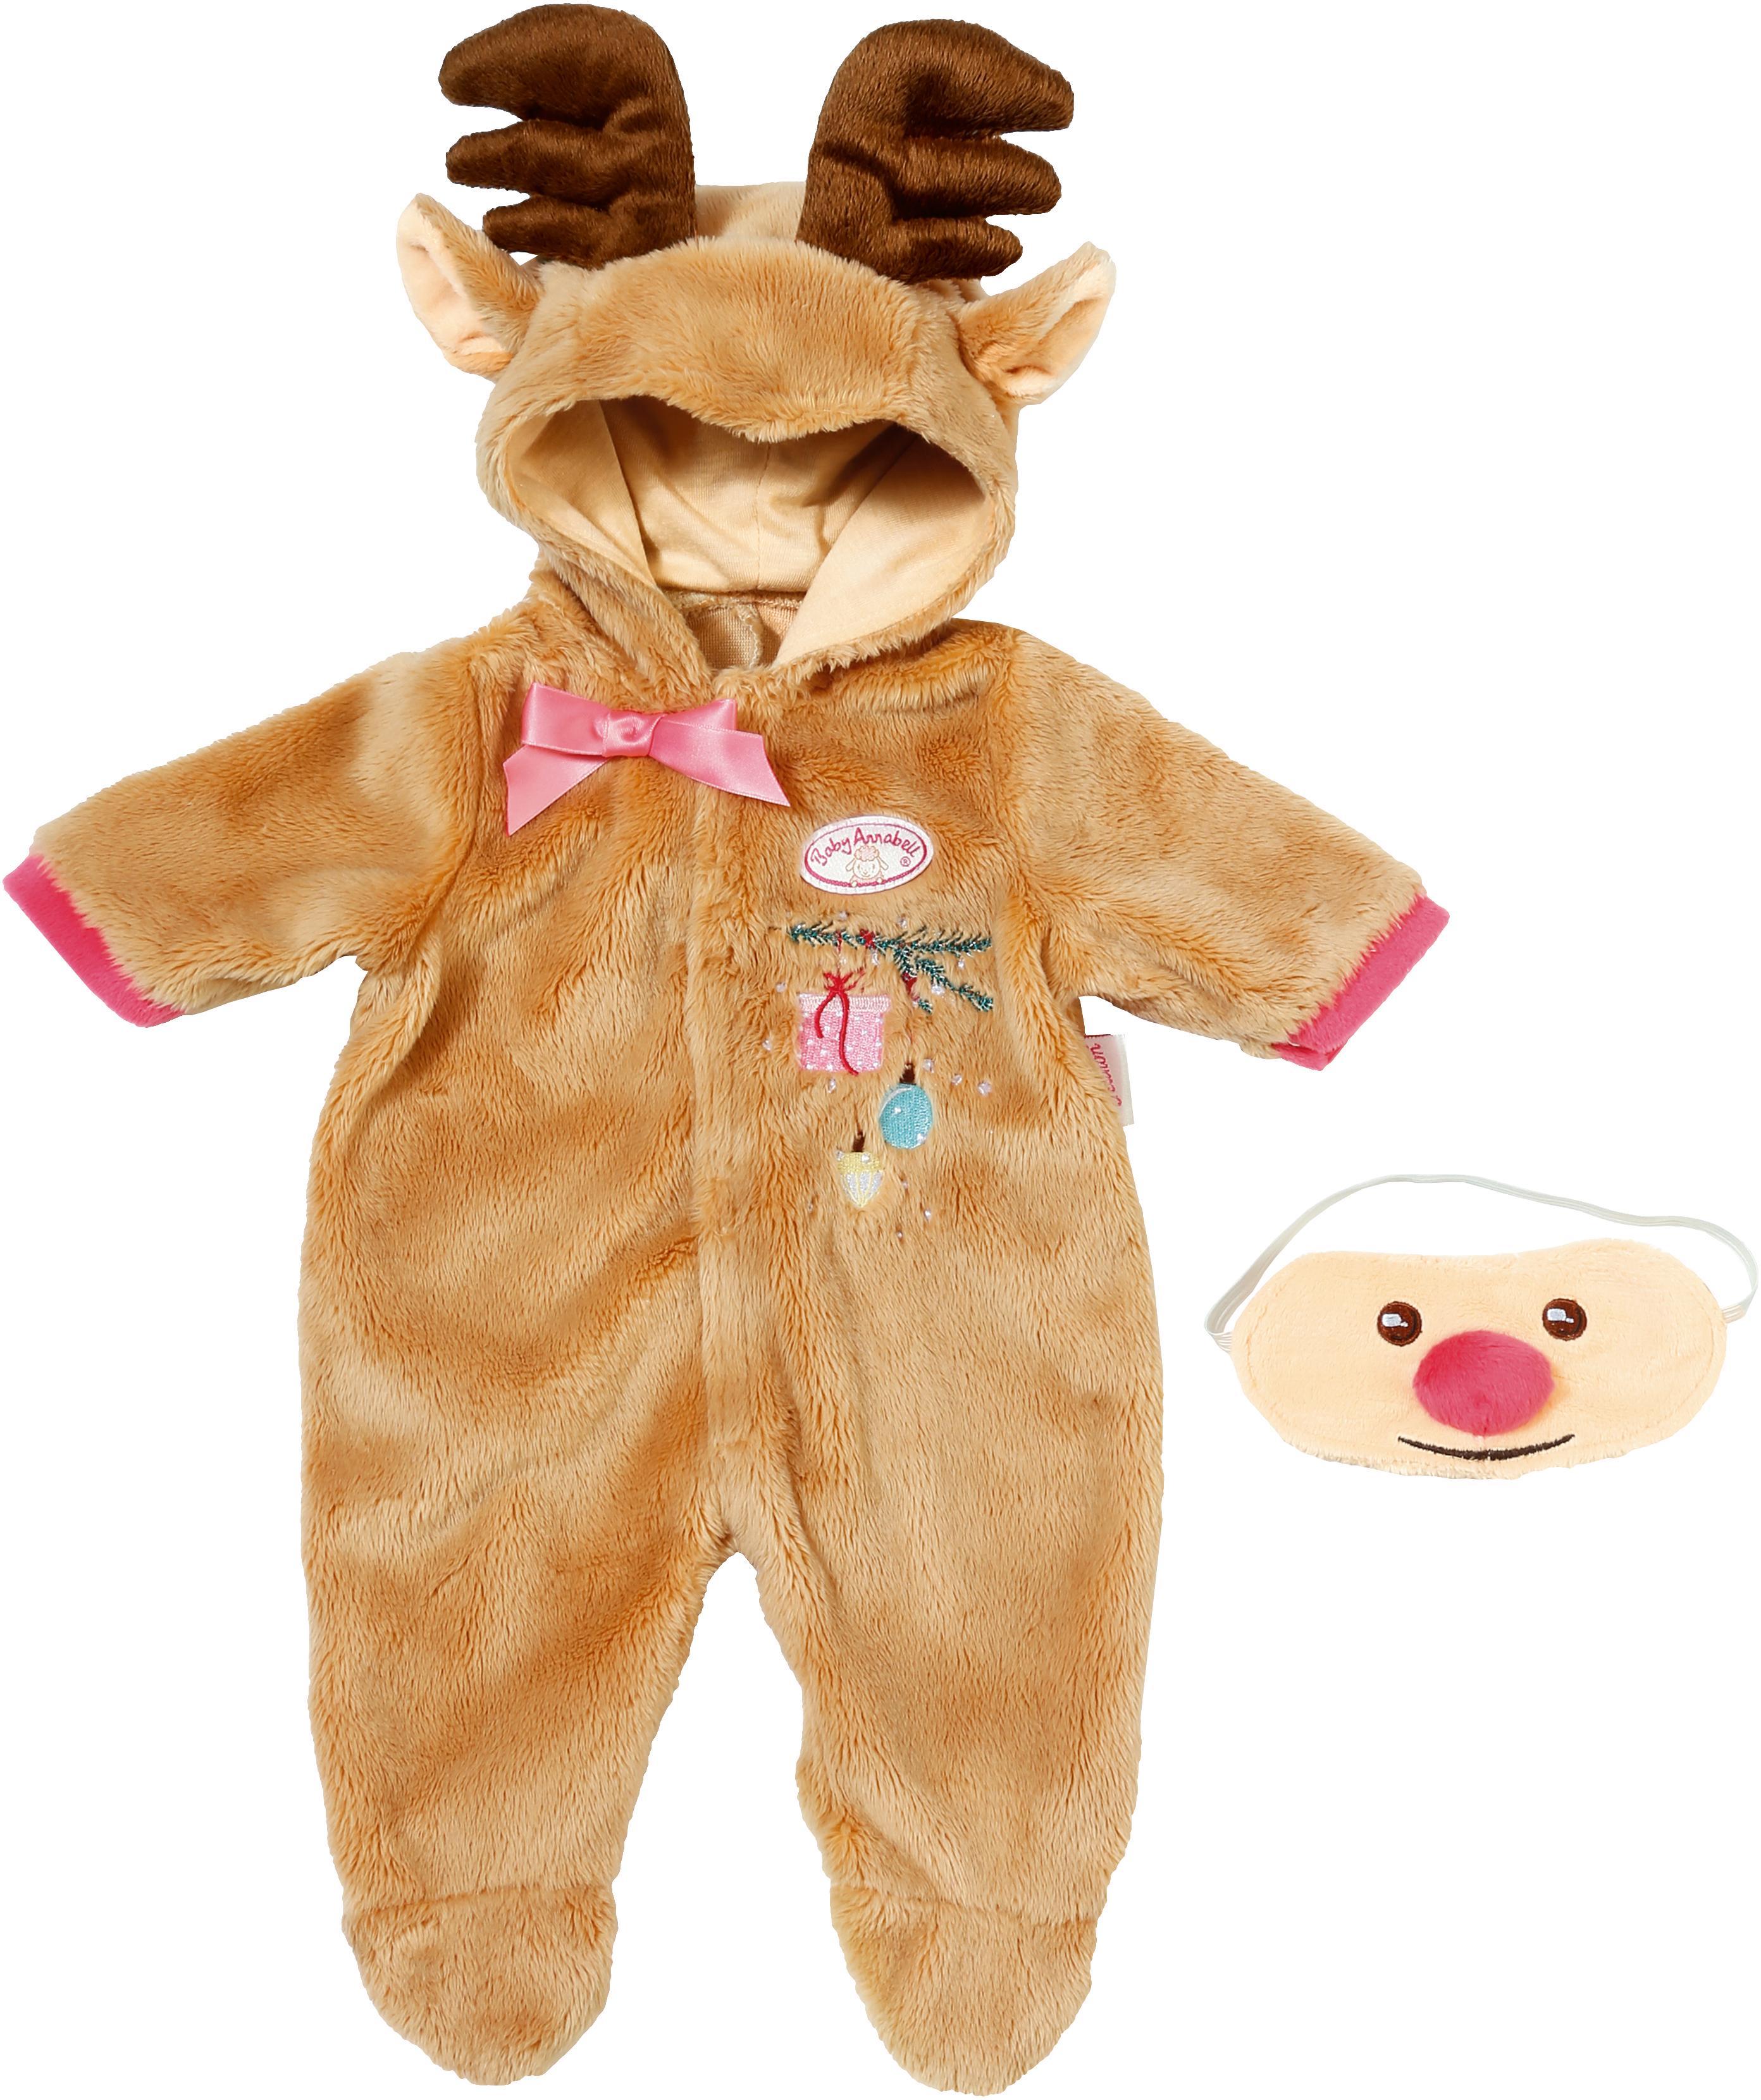 Zapf Creation Puppenkleidung,  Baby Annabell® Deluxe Rentier Set  Preisvergleich